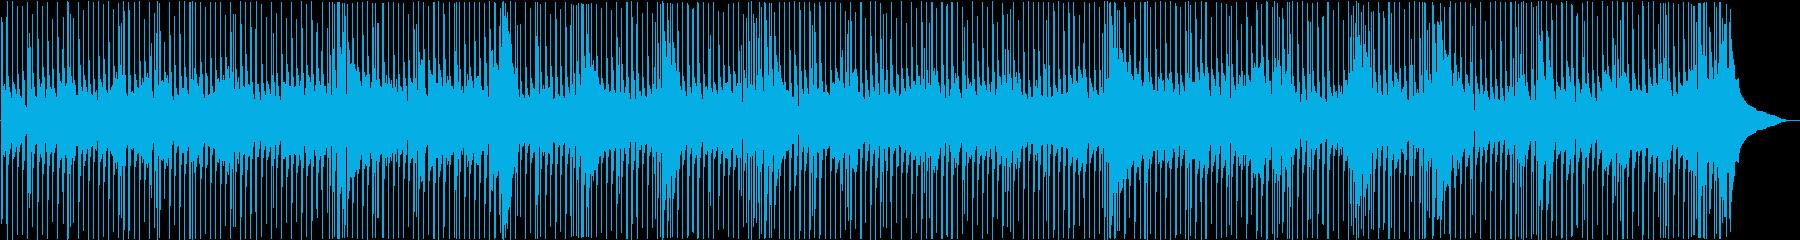 【ベースとドラムだけ】疾走感ポップロックの再生済みの波形